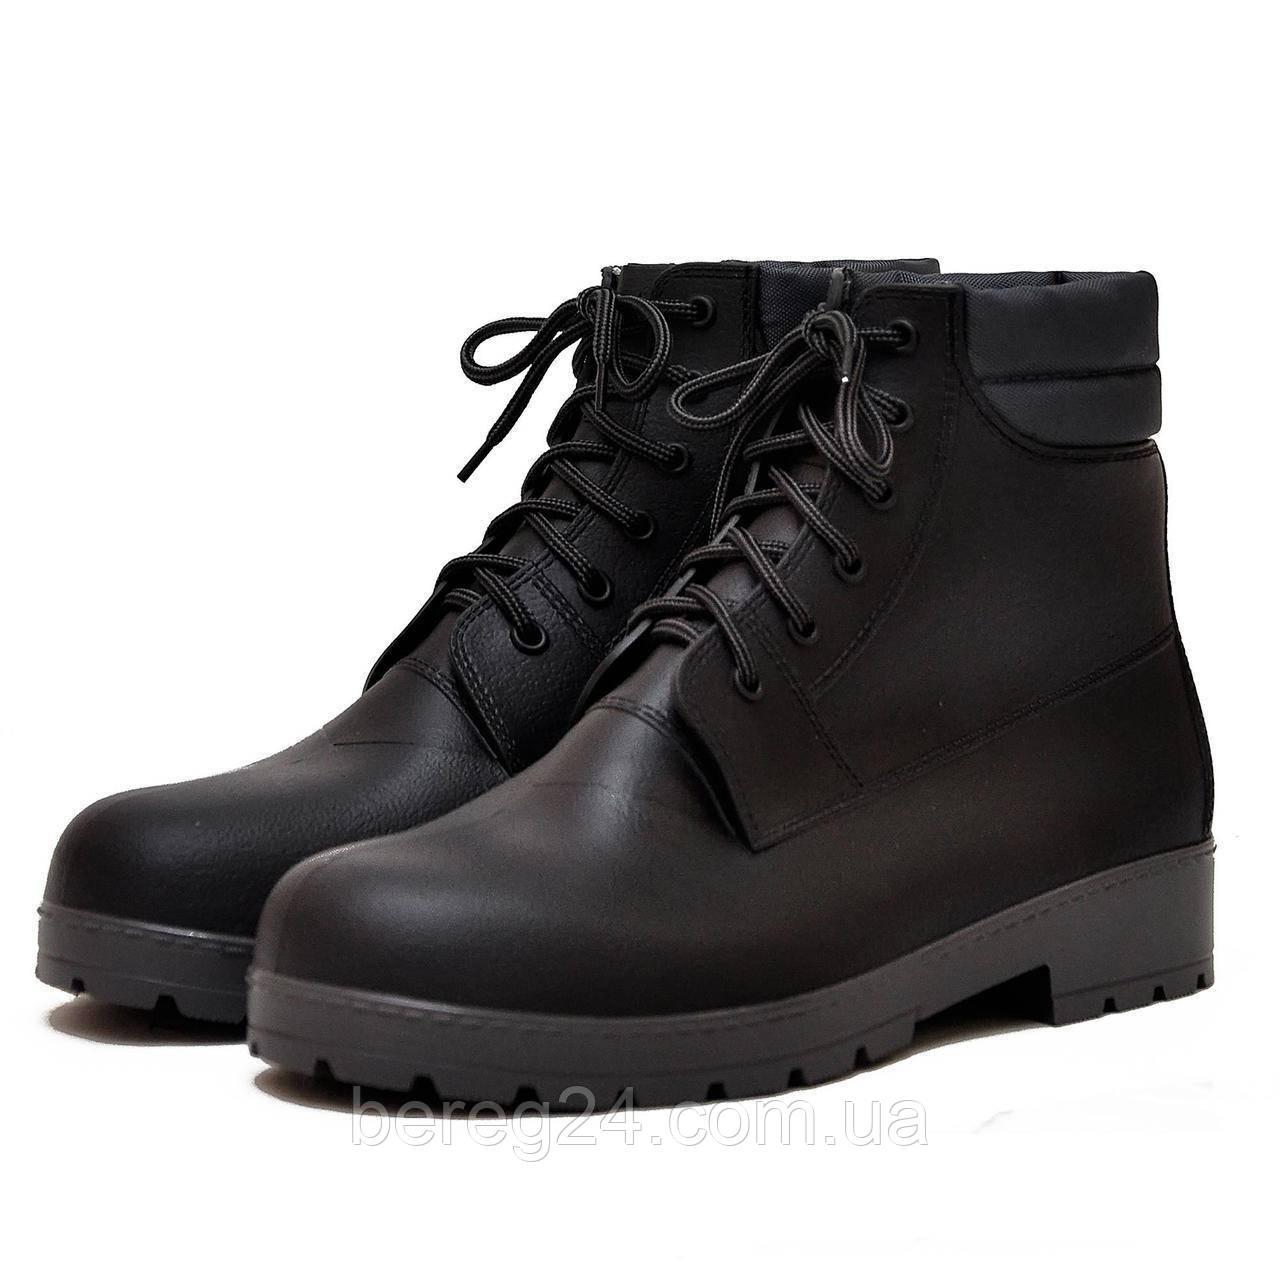 Мужские ботинки Nordman Rover черные с серой подошвой ПС 31 размер 45